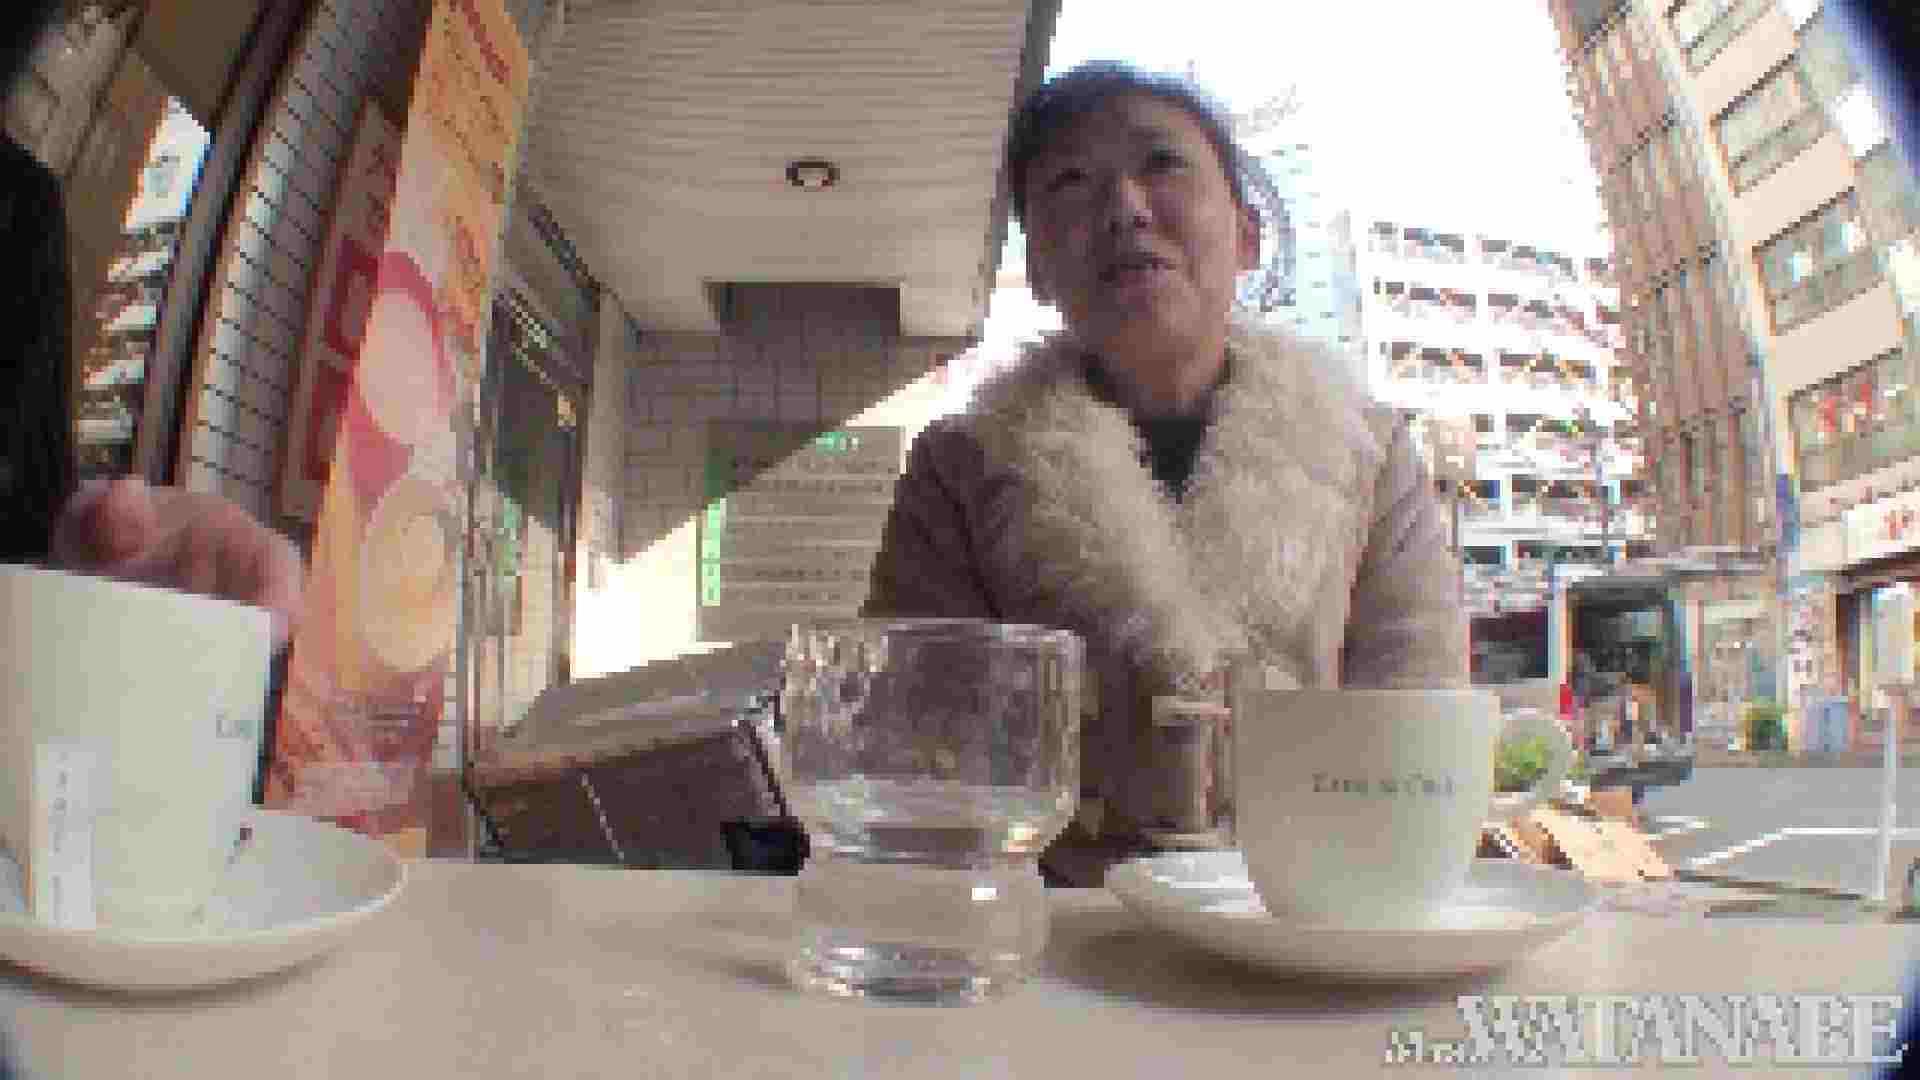 撮影スタッフを誘惑する痴熟女 かおり40歳 Vol.01 素人 | HなOL  67pic 22